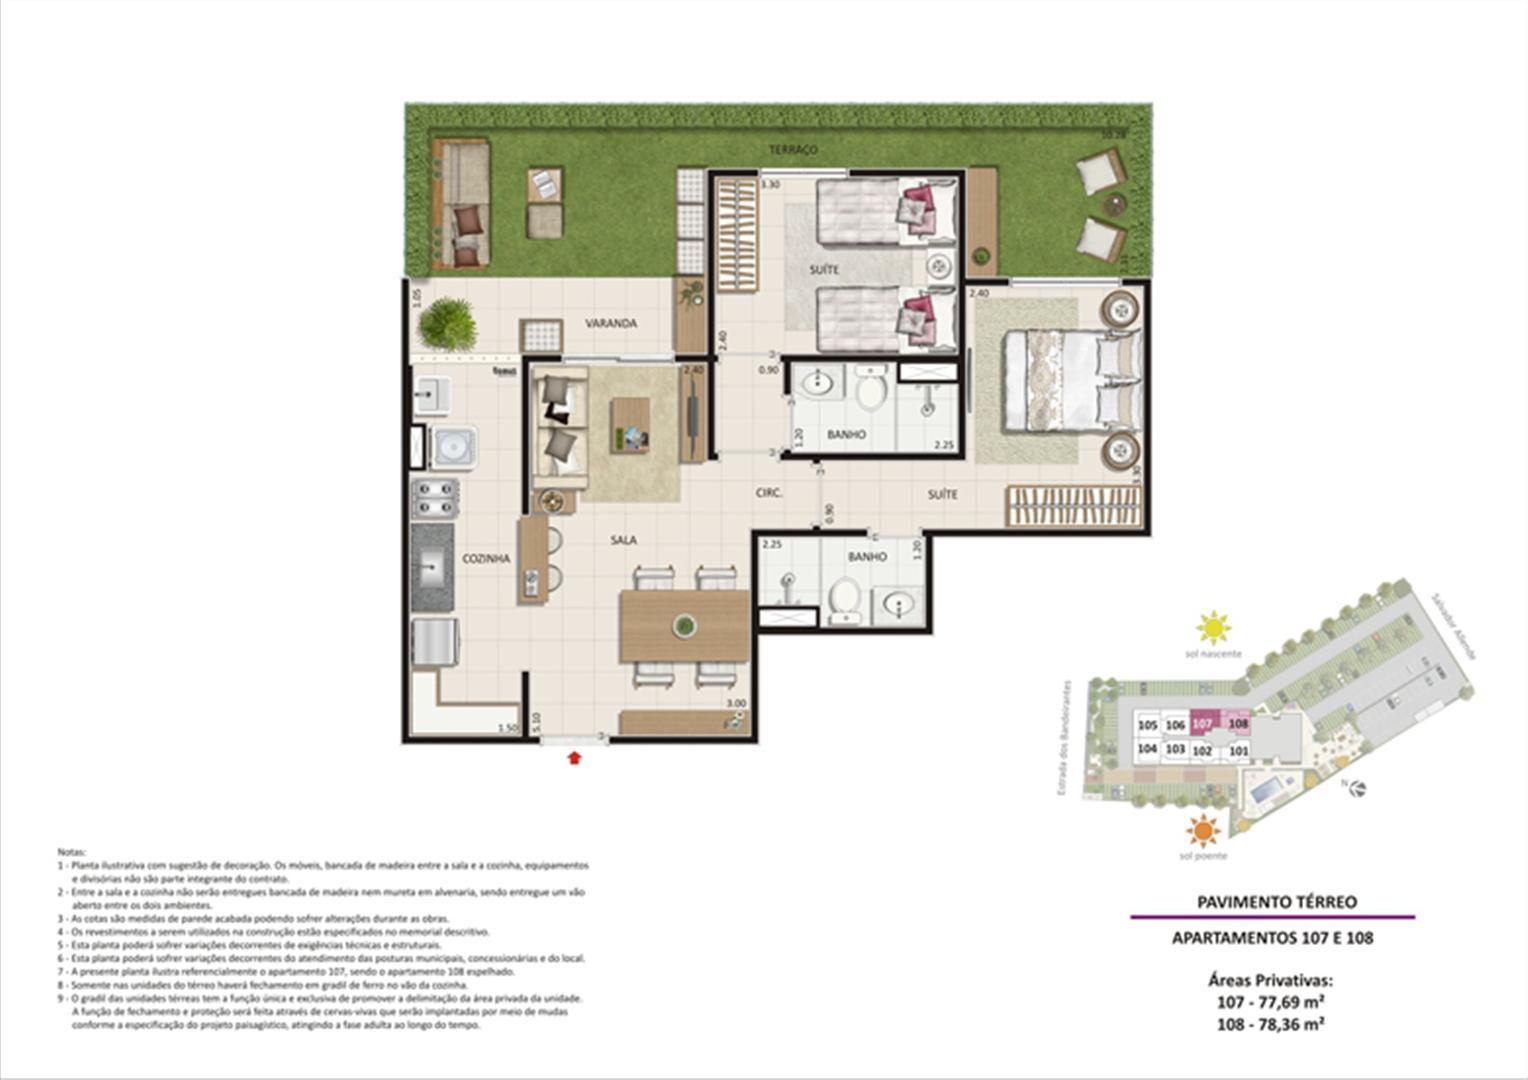 Apartamento 2 quartos tipo 04 - Terraço | Live Bandeirantes All Suites – Apartamento em  Jacarepaguá - Rio de Janeiro - Rio de Janeiro